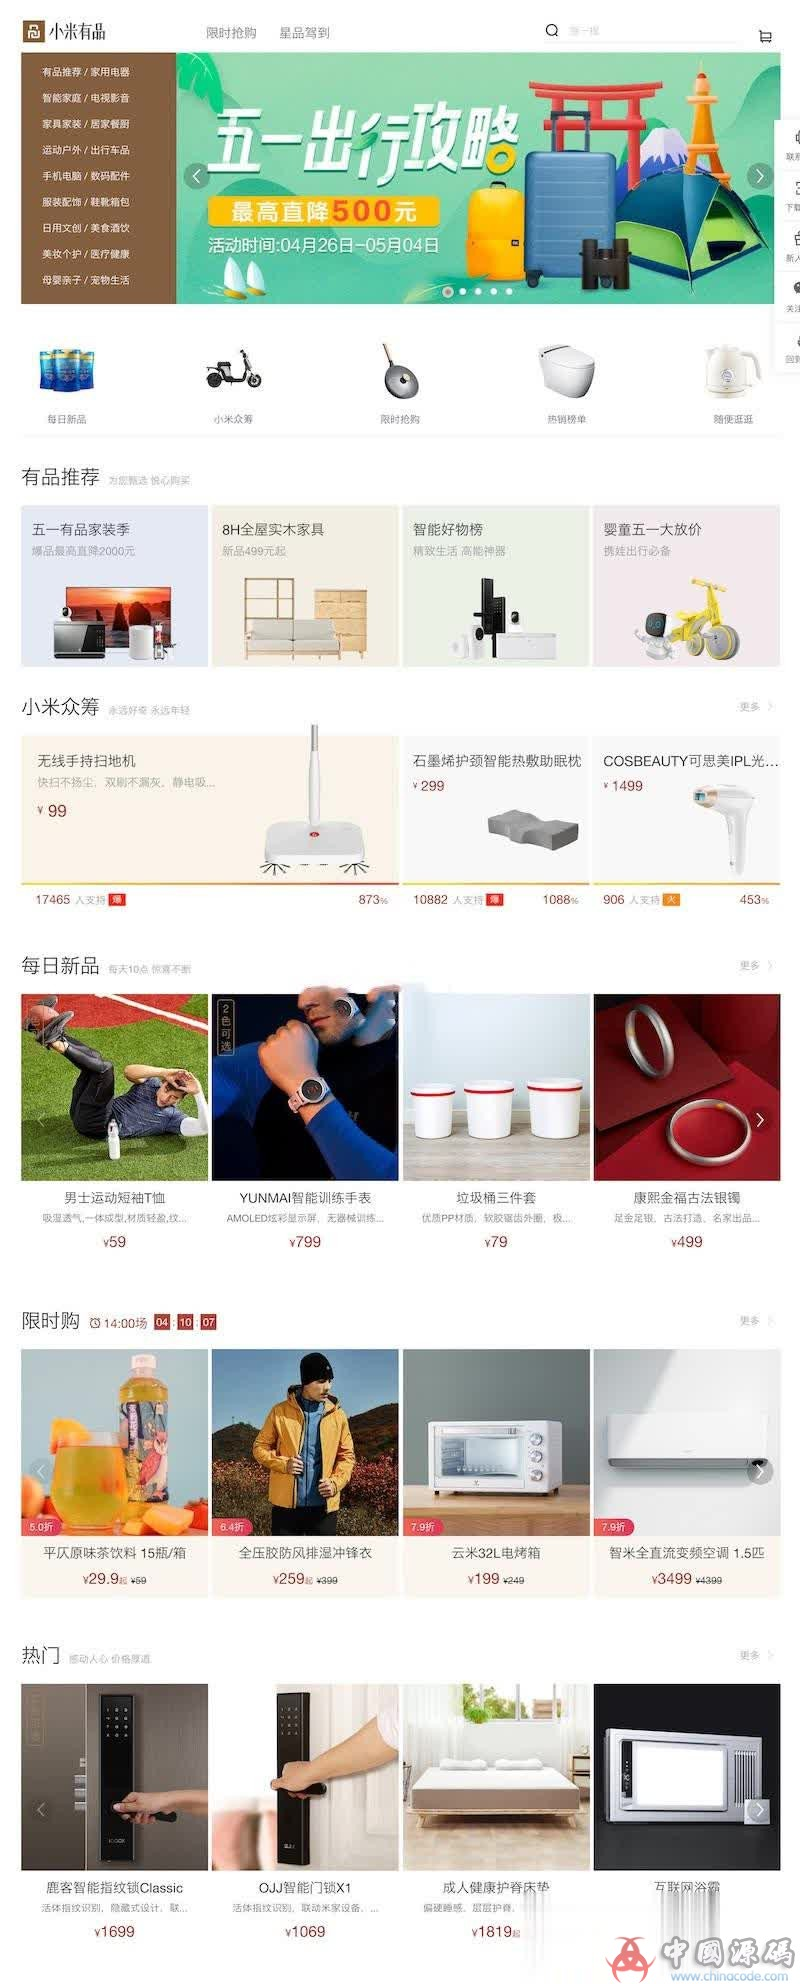 最新高仿小米在线购物商场网站源码 帝国cms内核二次开发 网站-第1张